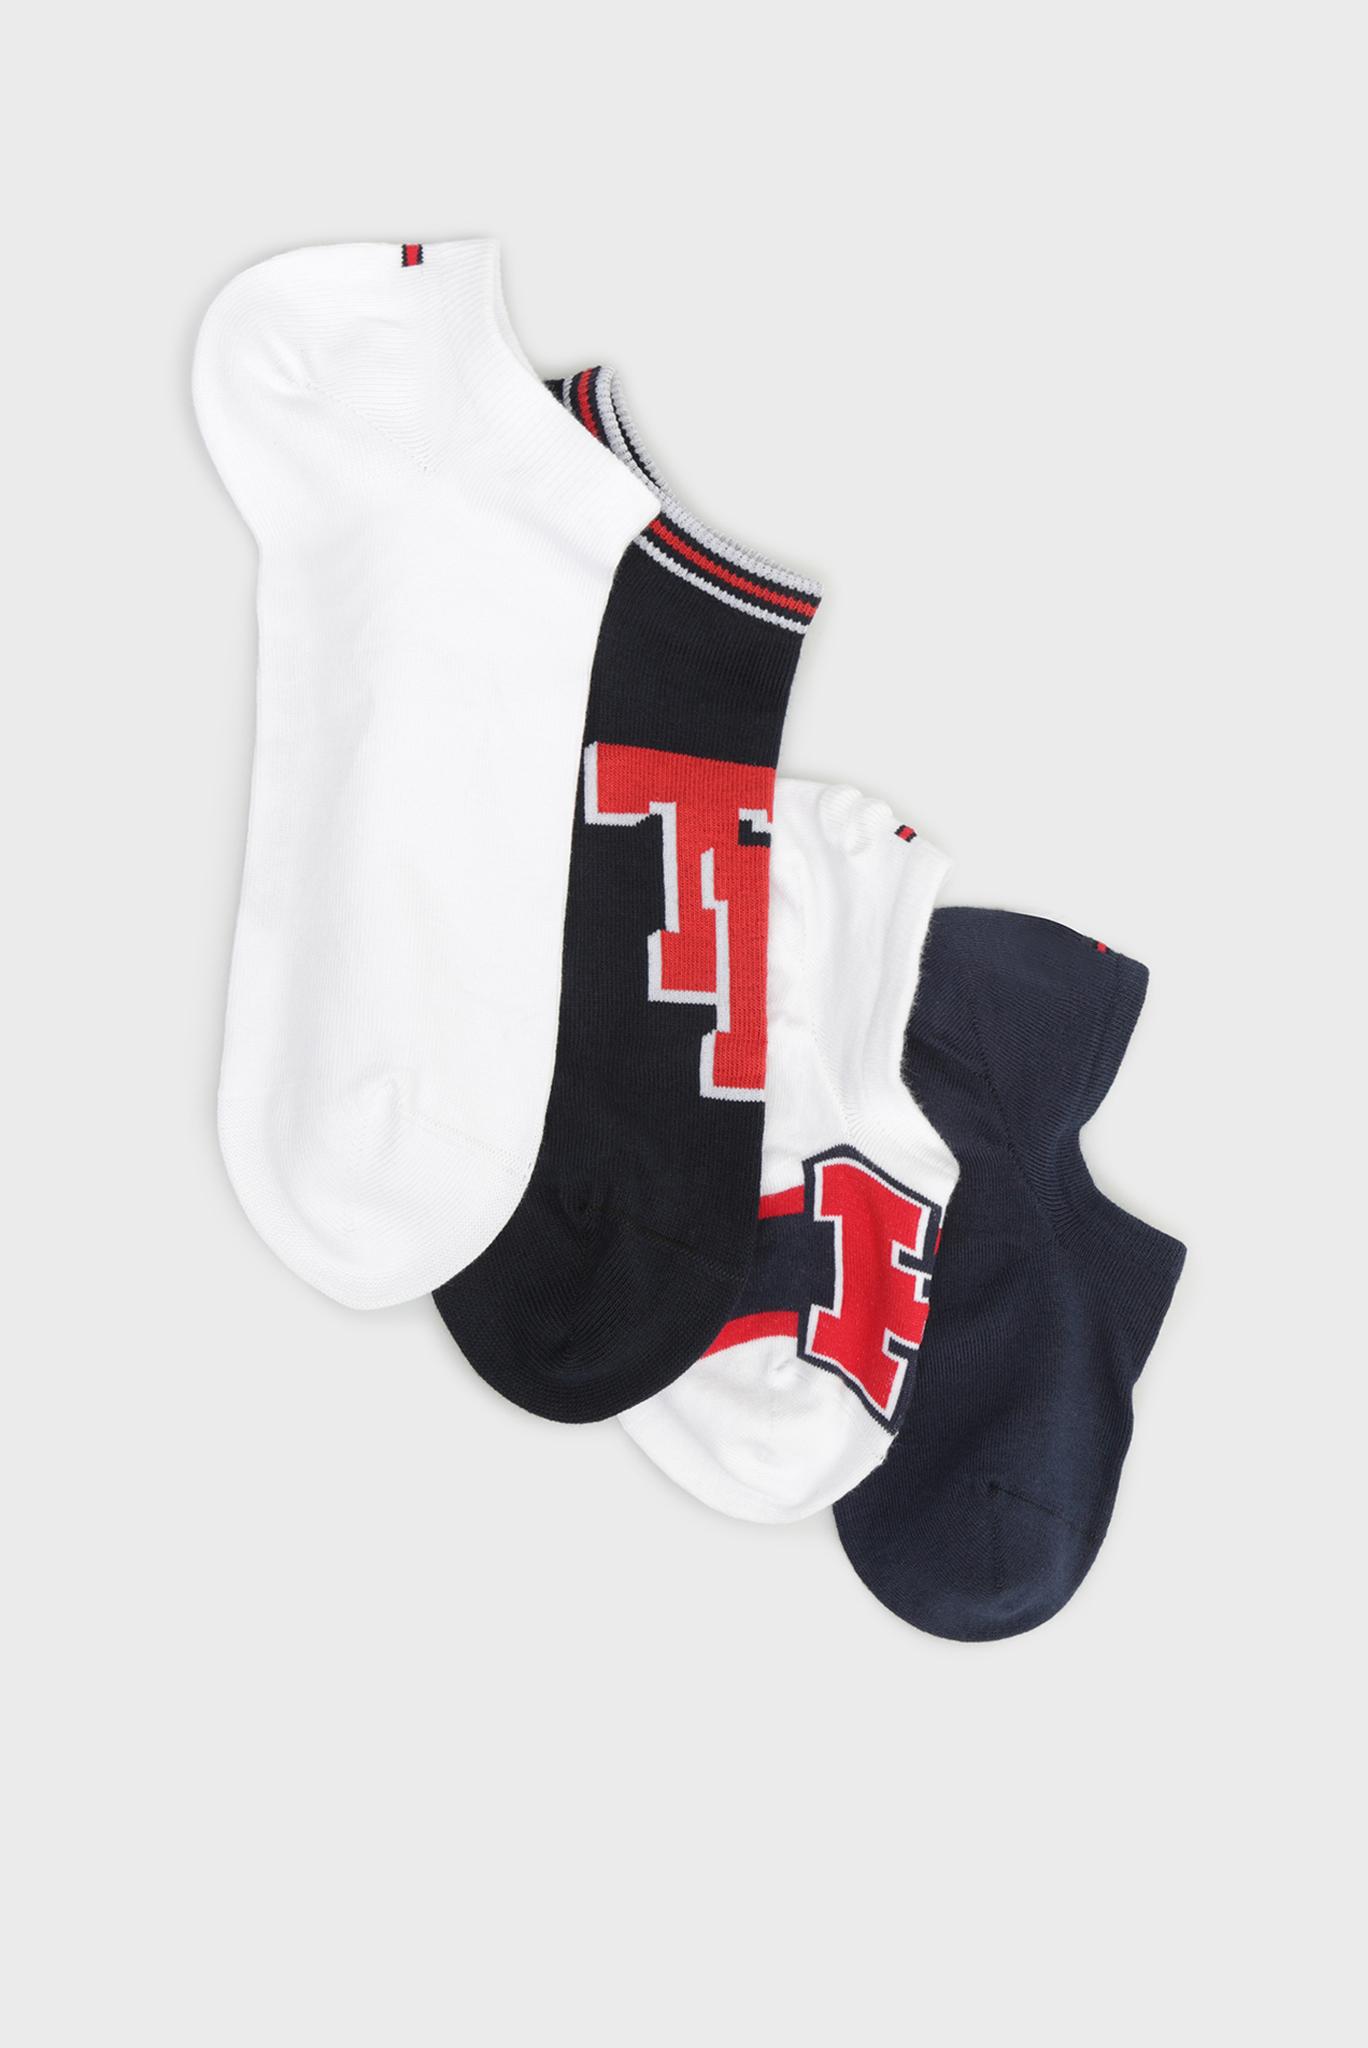 Хлопковые носки TH UNISEX SNEAKER BOX (4 пары) Tommy Hilfiger